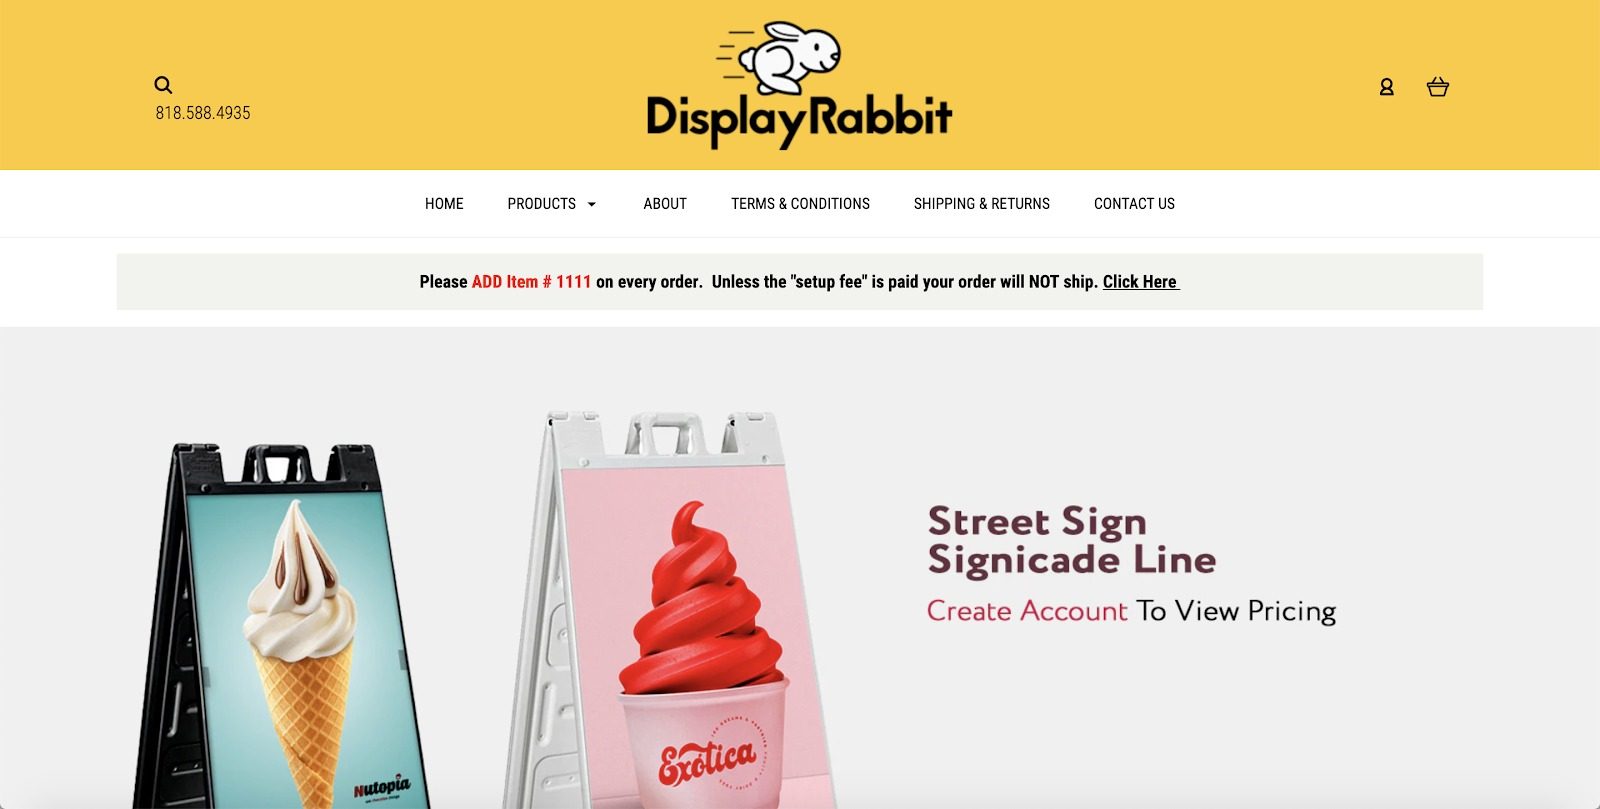 mostra un esempio di negozio di conigli